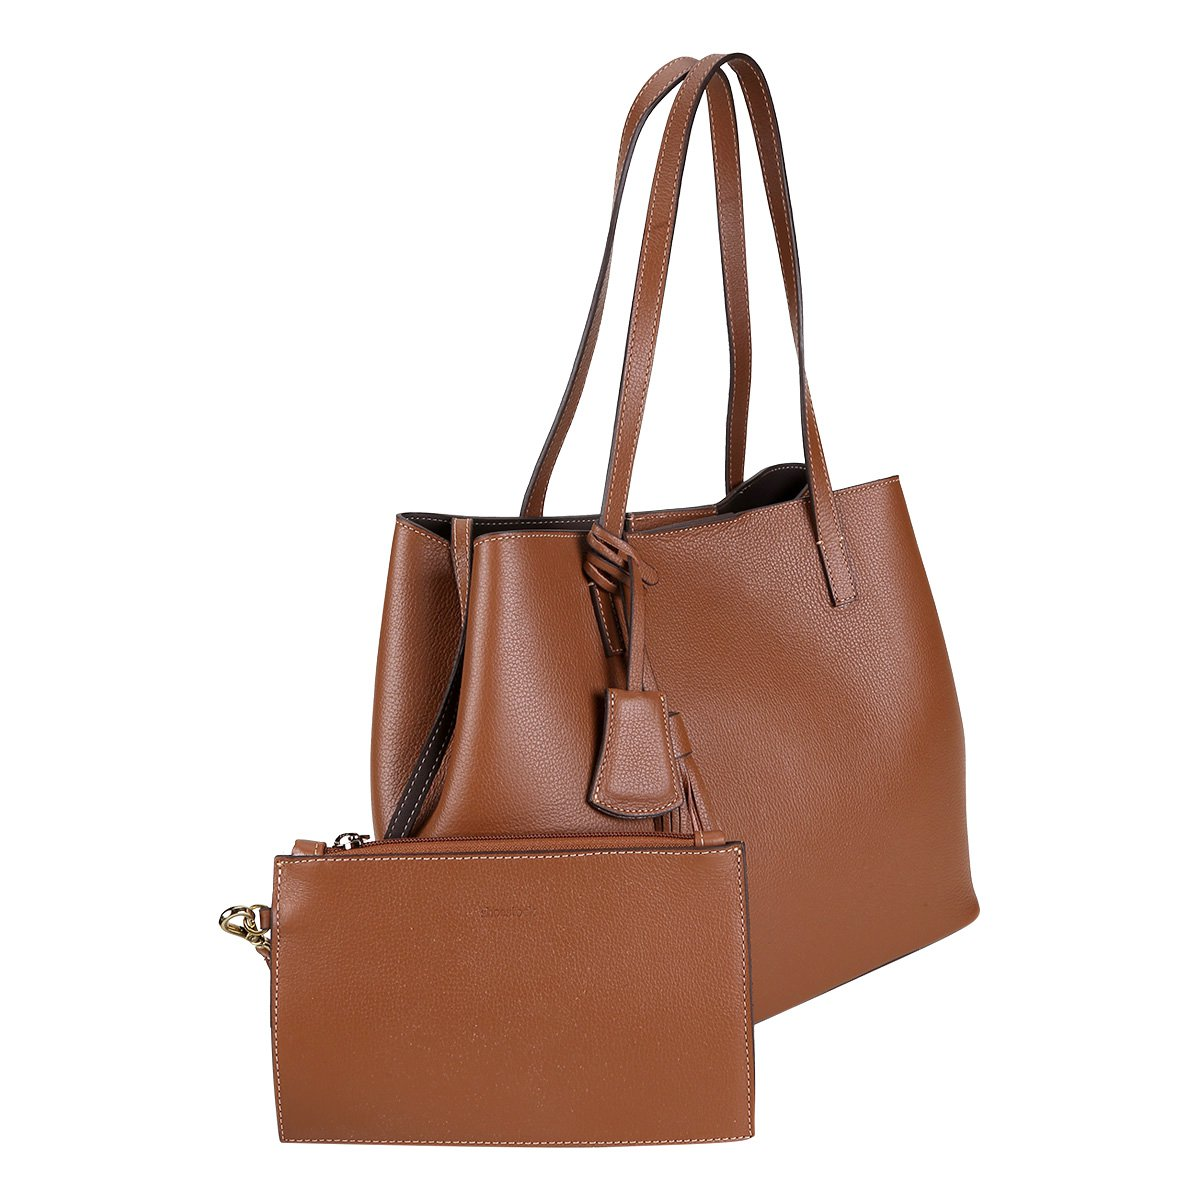 f33a7c1639 Bolsa Couro Shoestock Shopper Feminina - Compre Agora